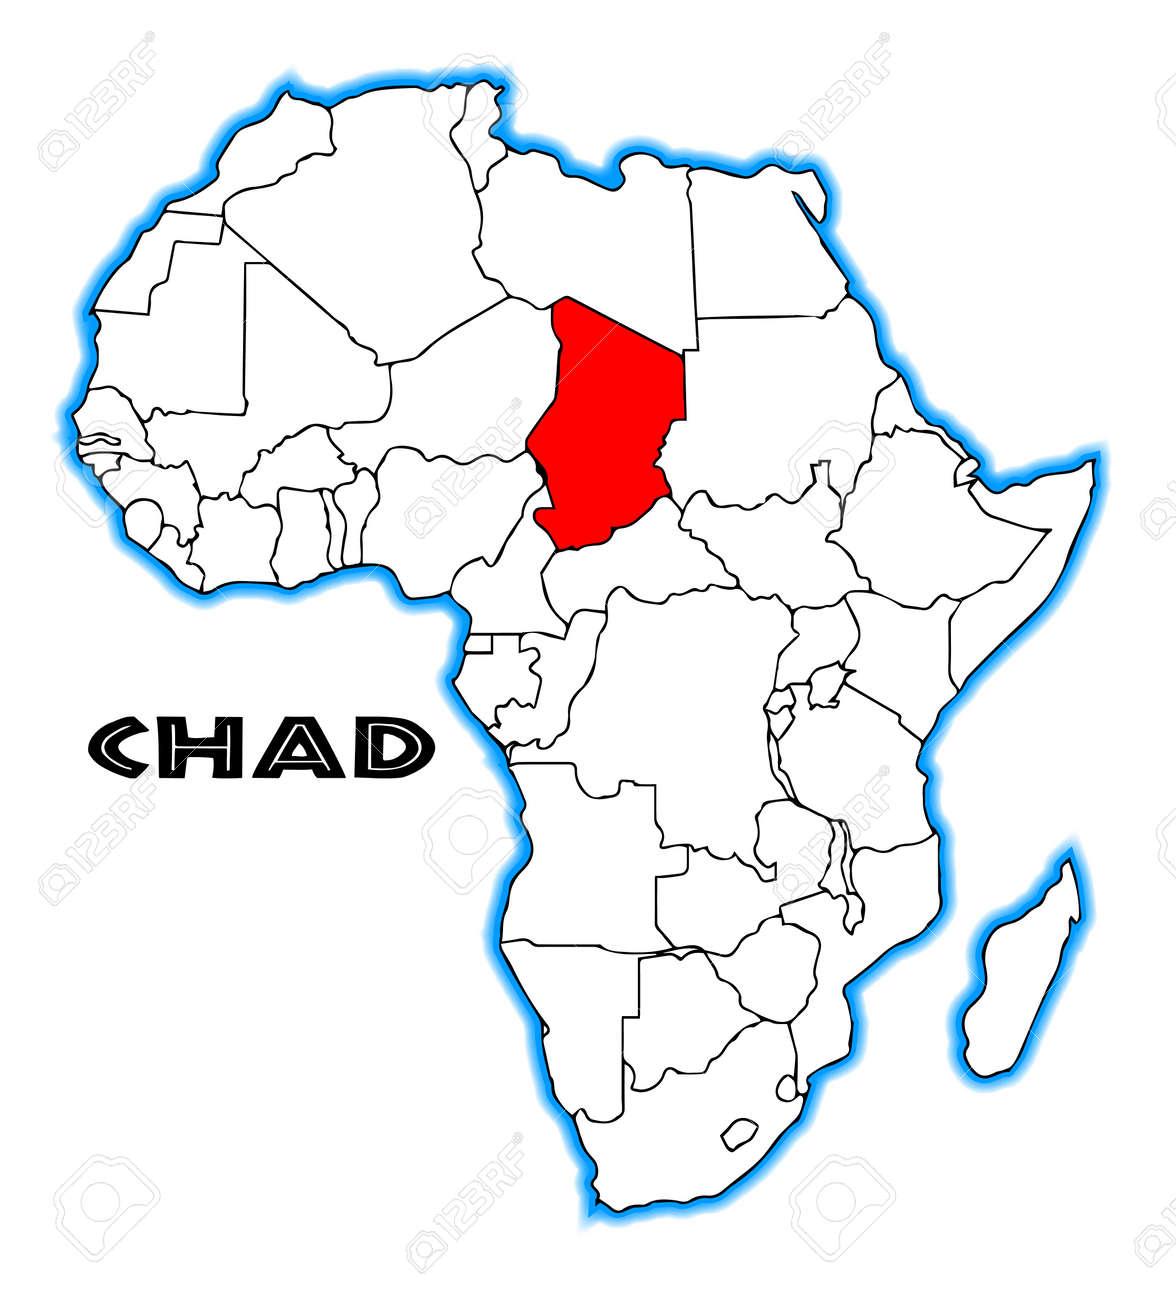 Carte De Lafrique Tchad.Tchad Apercu Incrustee Dans Une Carte De L Afrique Sur Un Fond Blanc